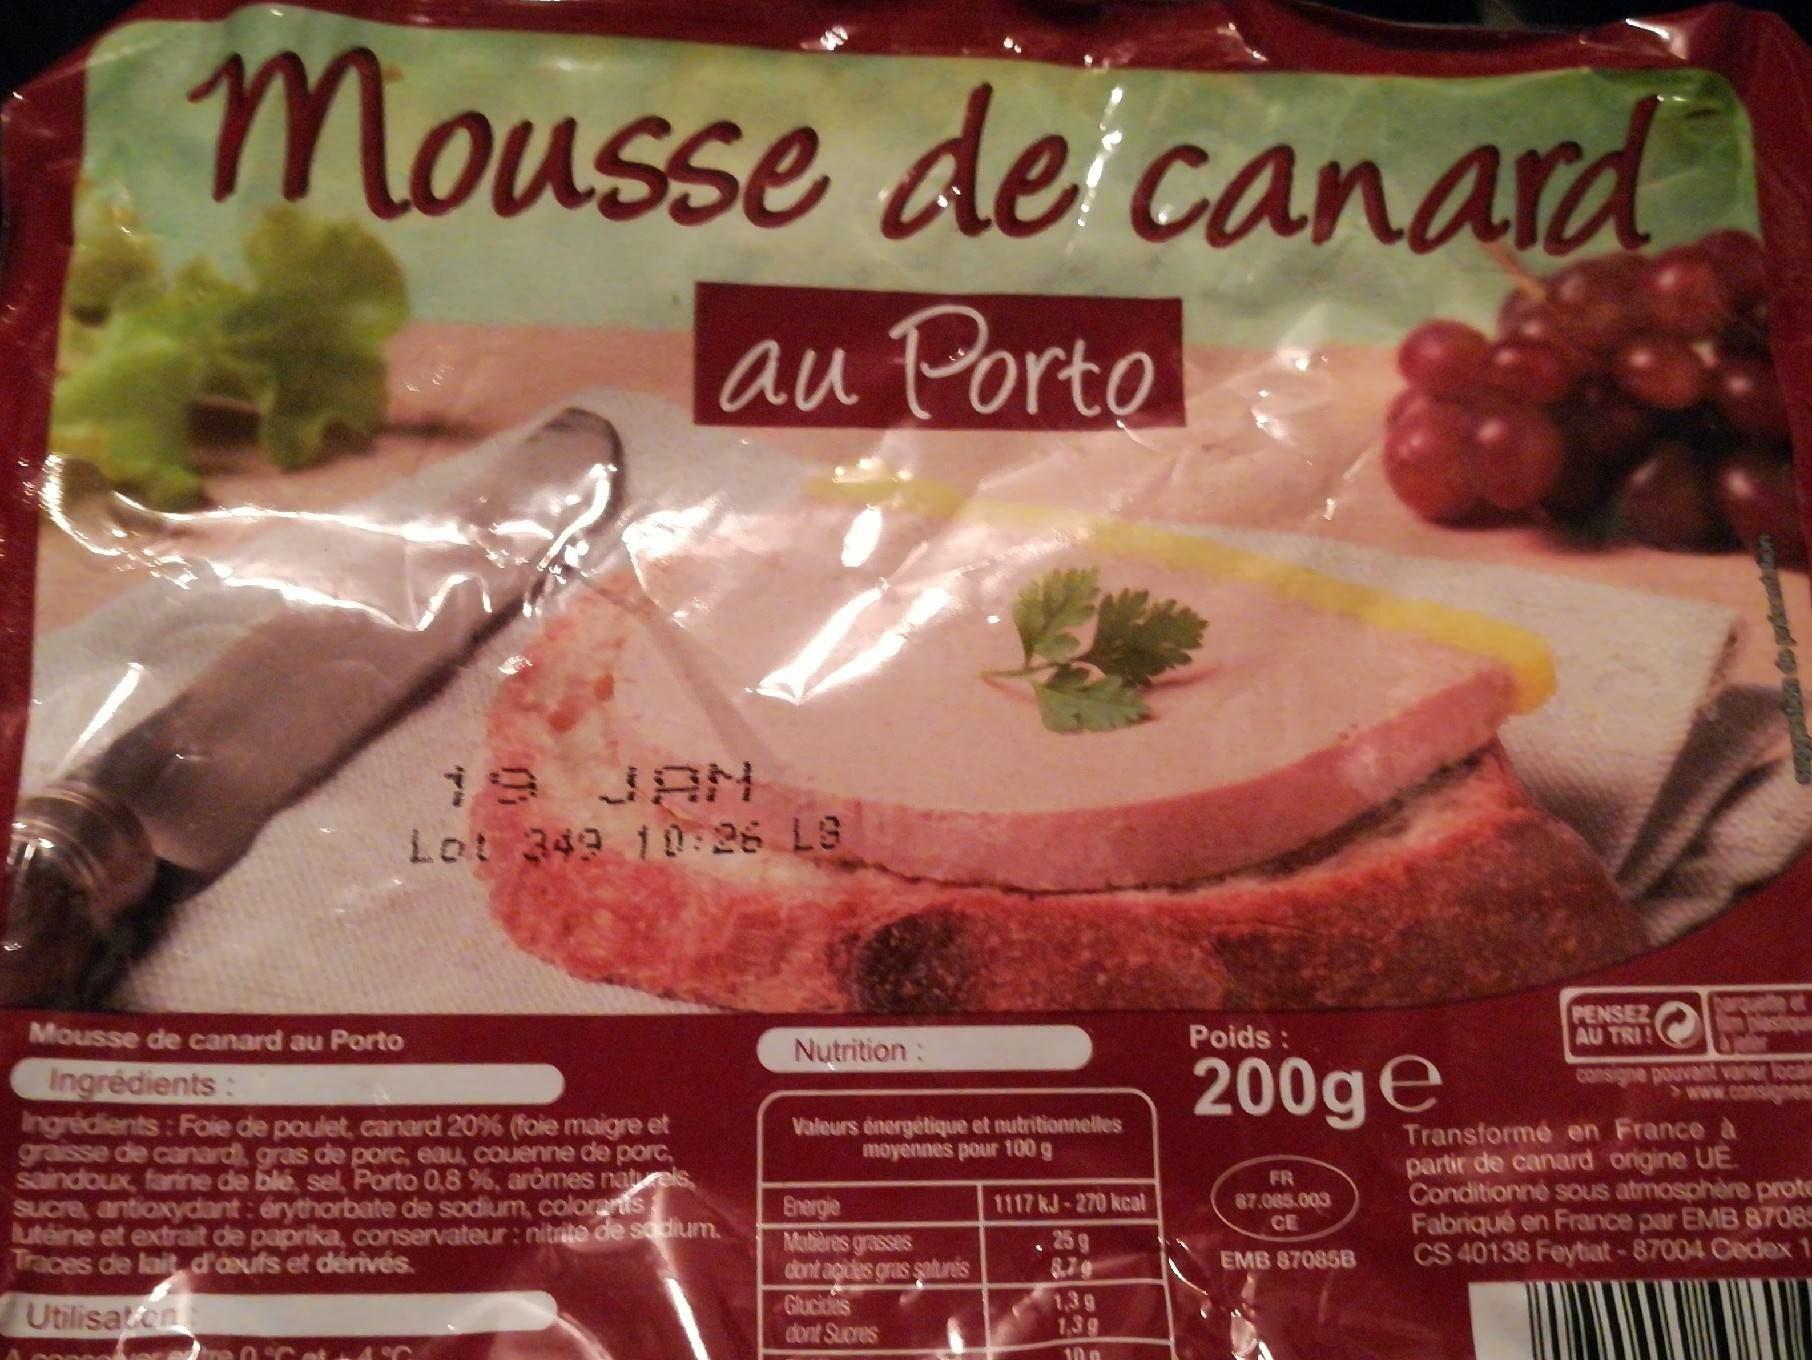 Mousse de canard au porto - Produkt